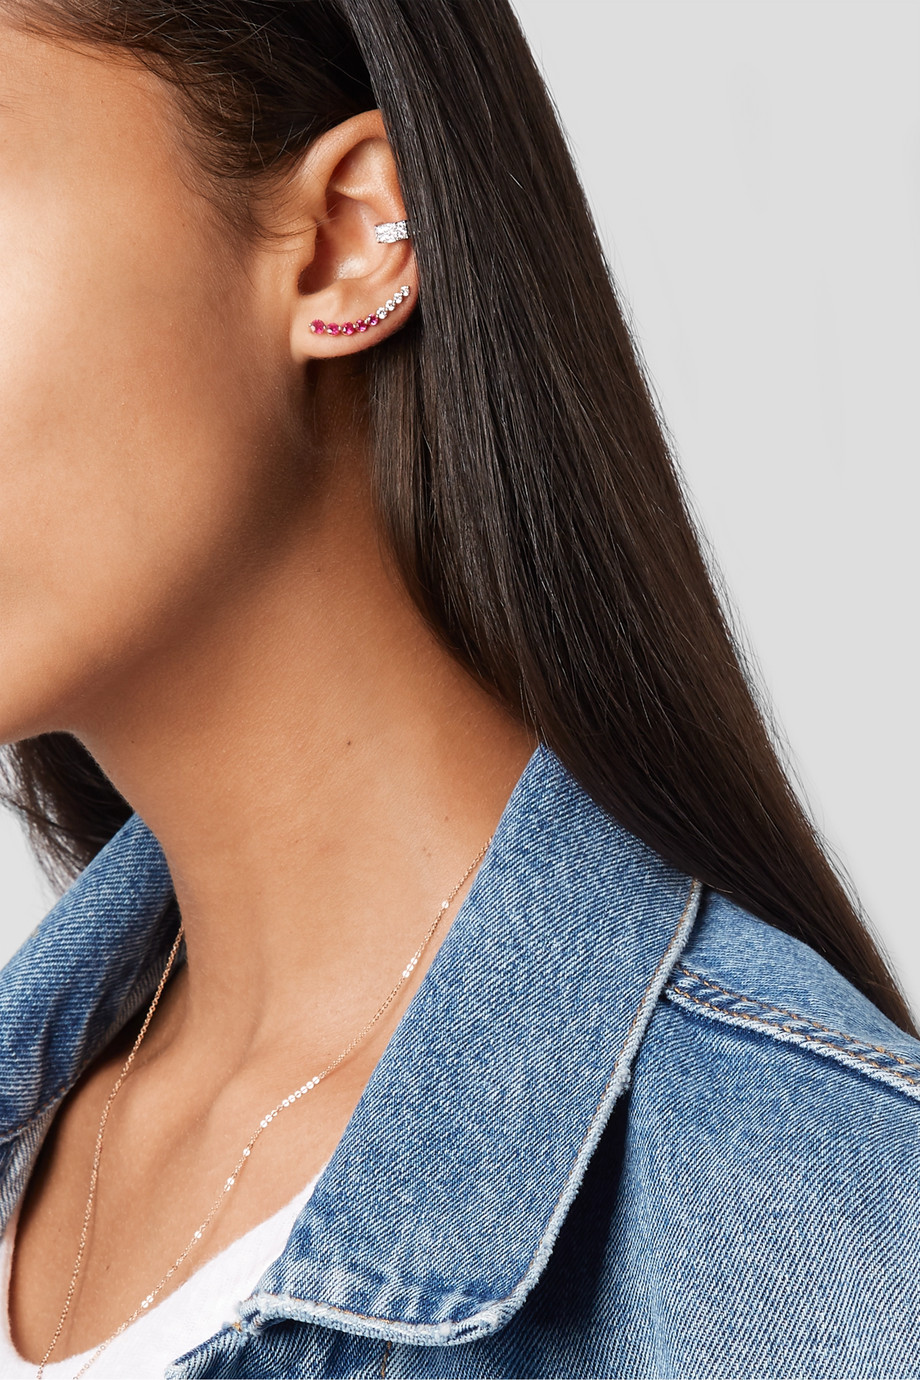 Anita Ko 18-karat rose gold, diamond and ruby earring